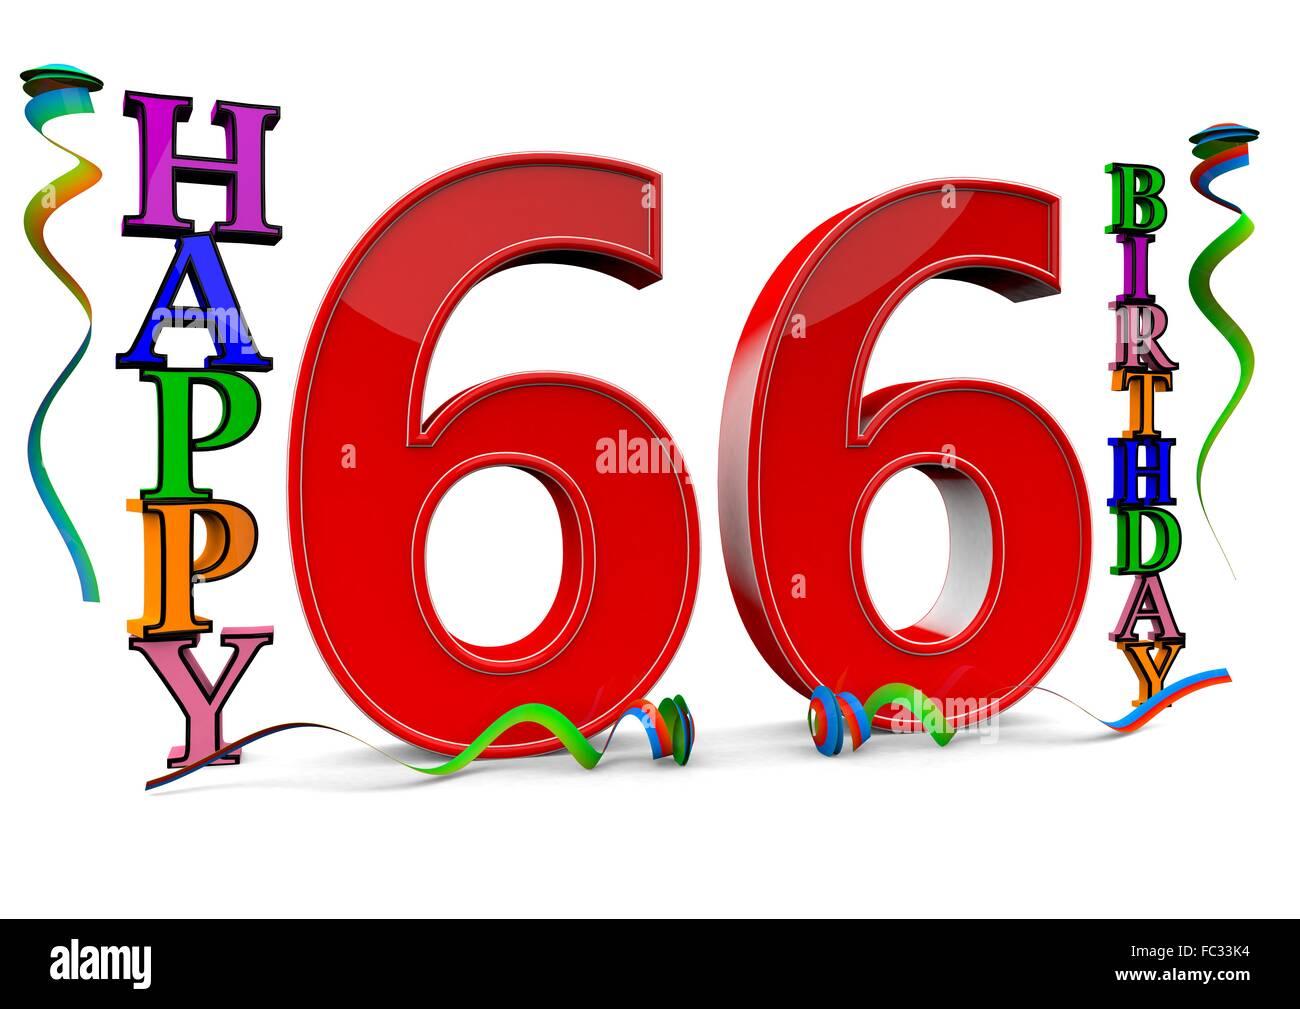 Herzliche gluckwunsche zum 66 geburtstag